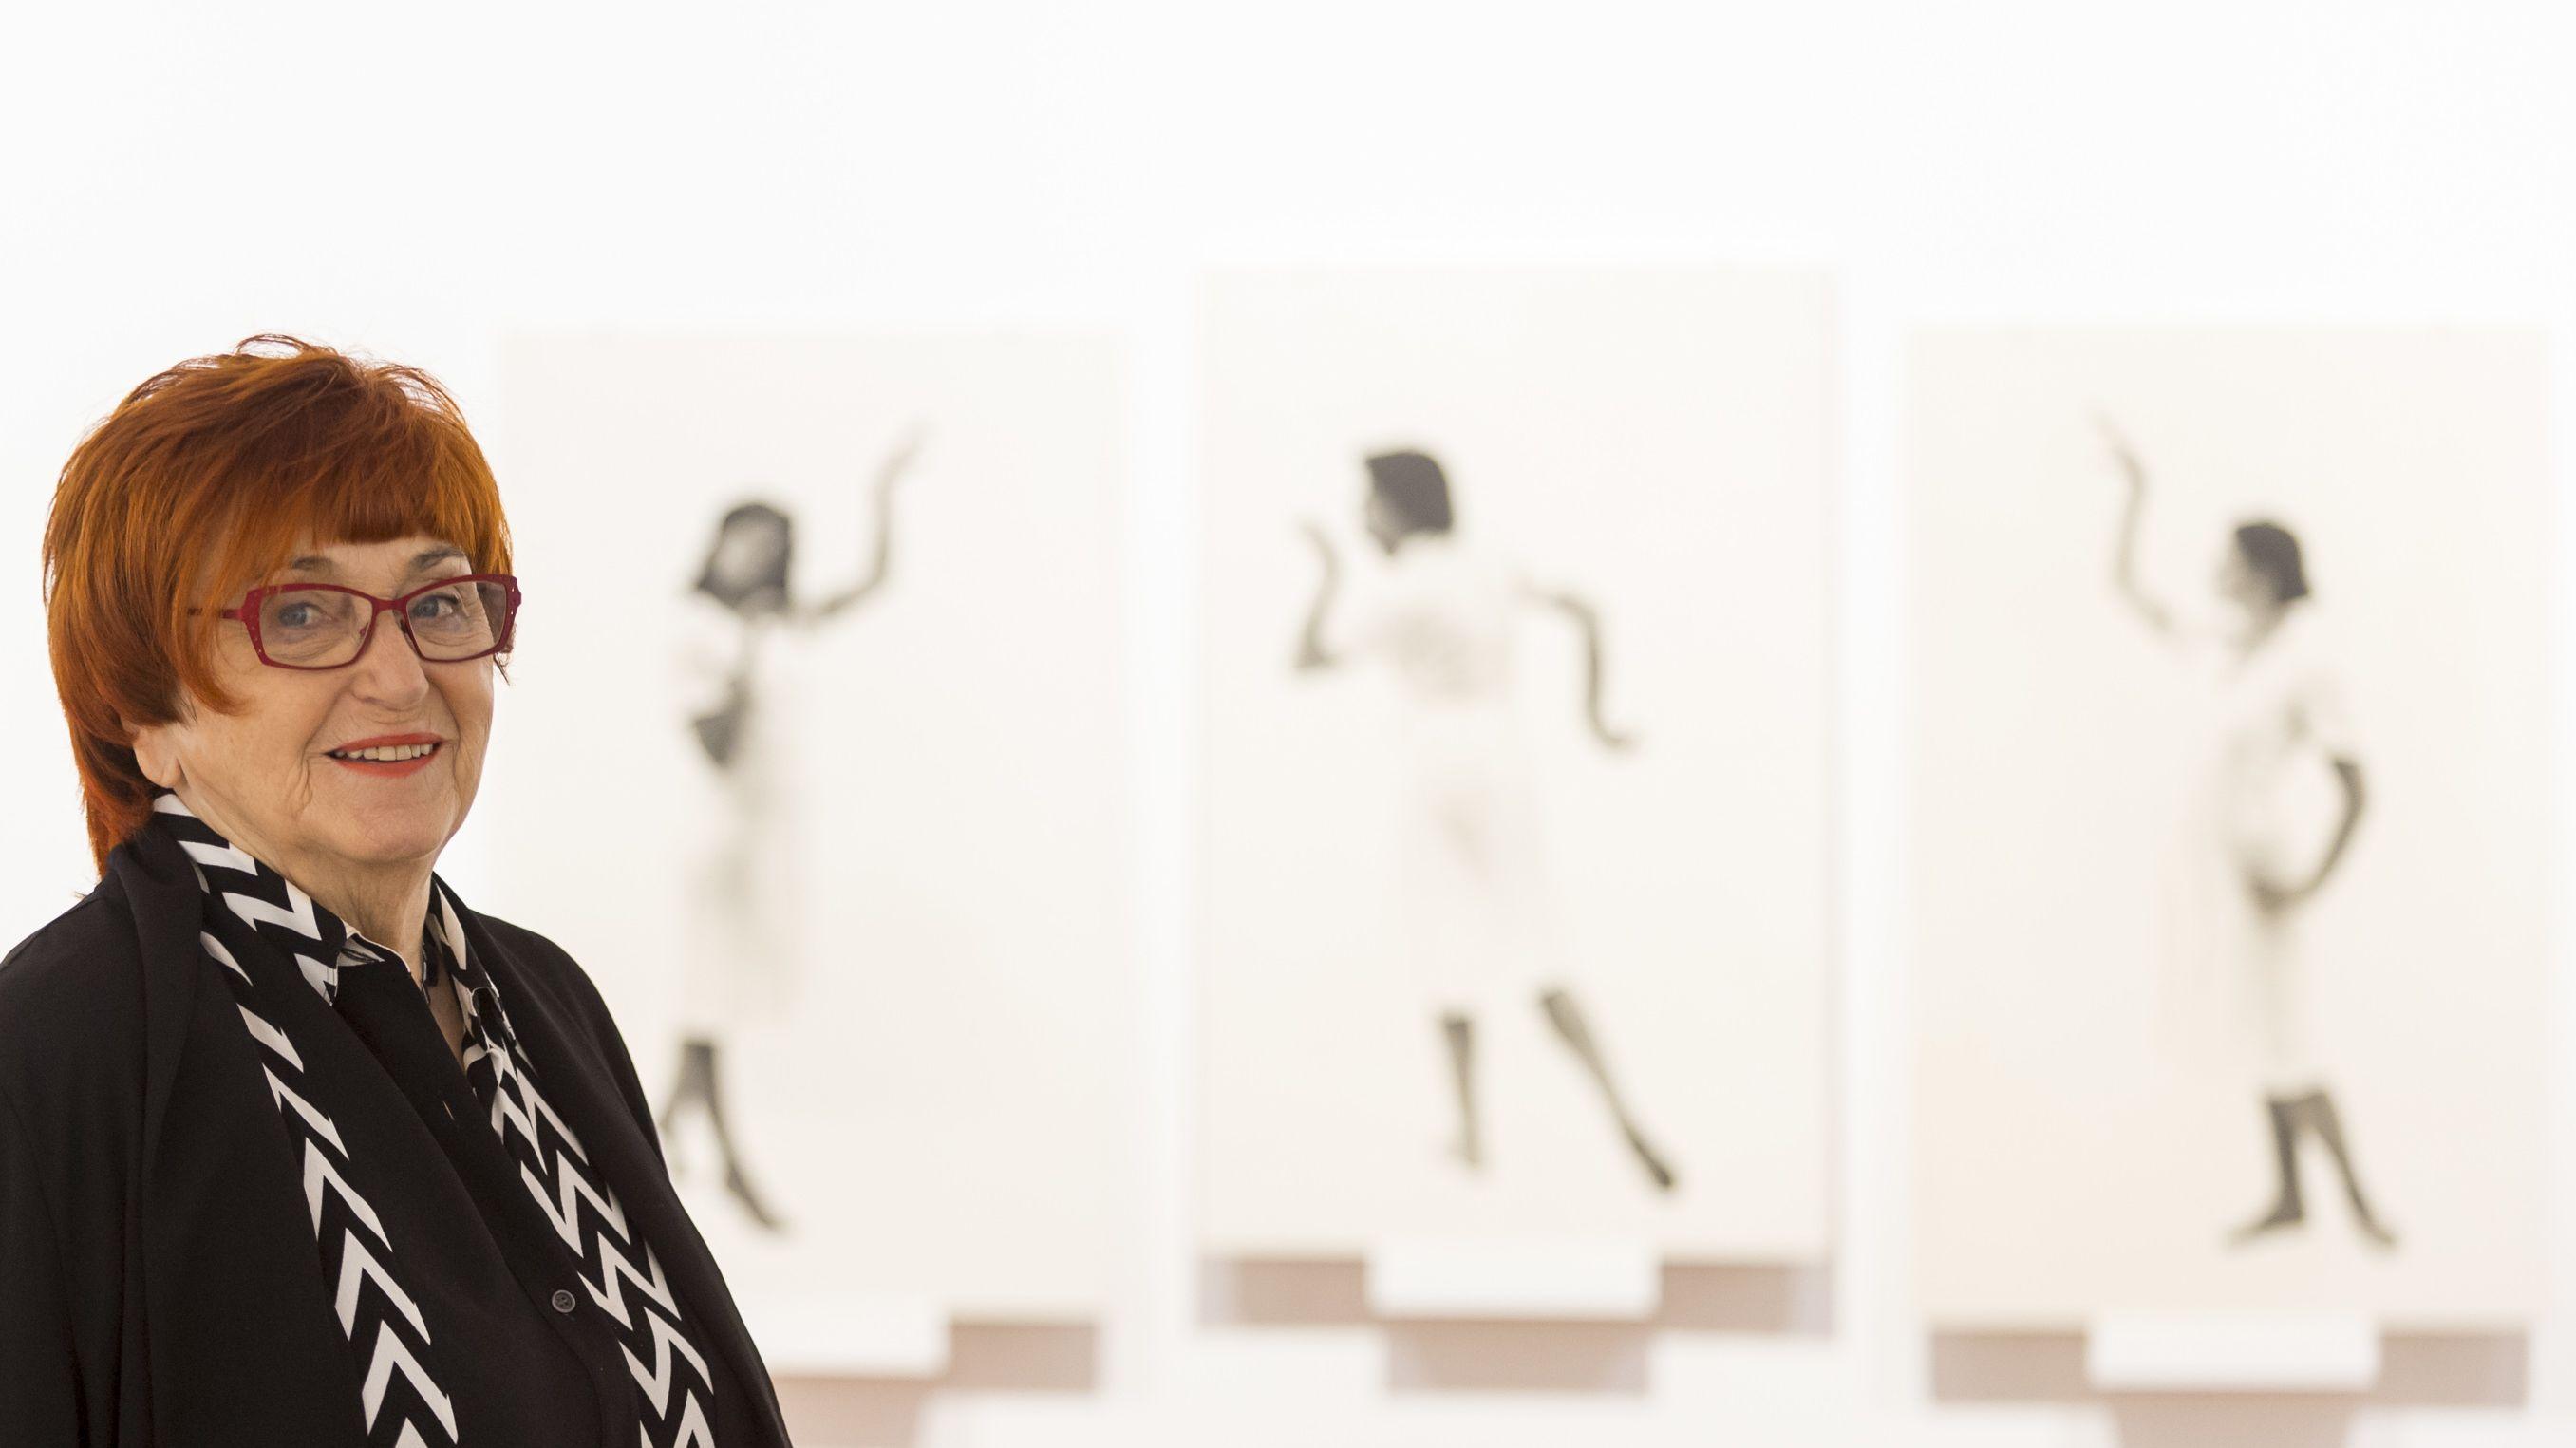 Die Künstlerin Valie Export steht mit roten Haaren und rot gerahmter Brille vor drei schwarz-weißen Fotografien bei einer Ausstellung 2019 in London